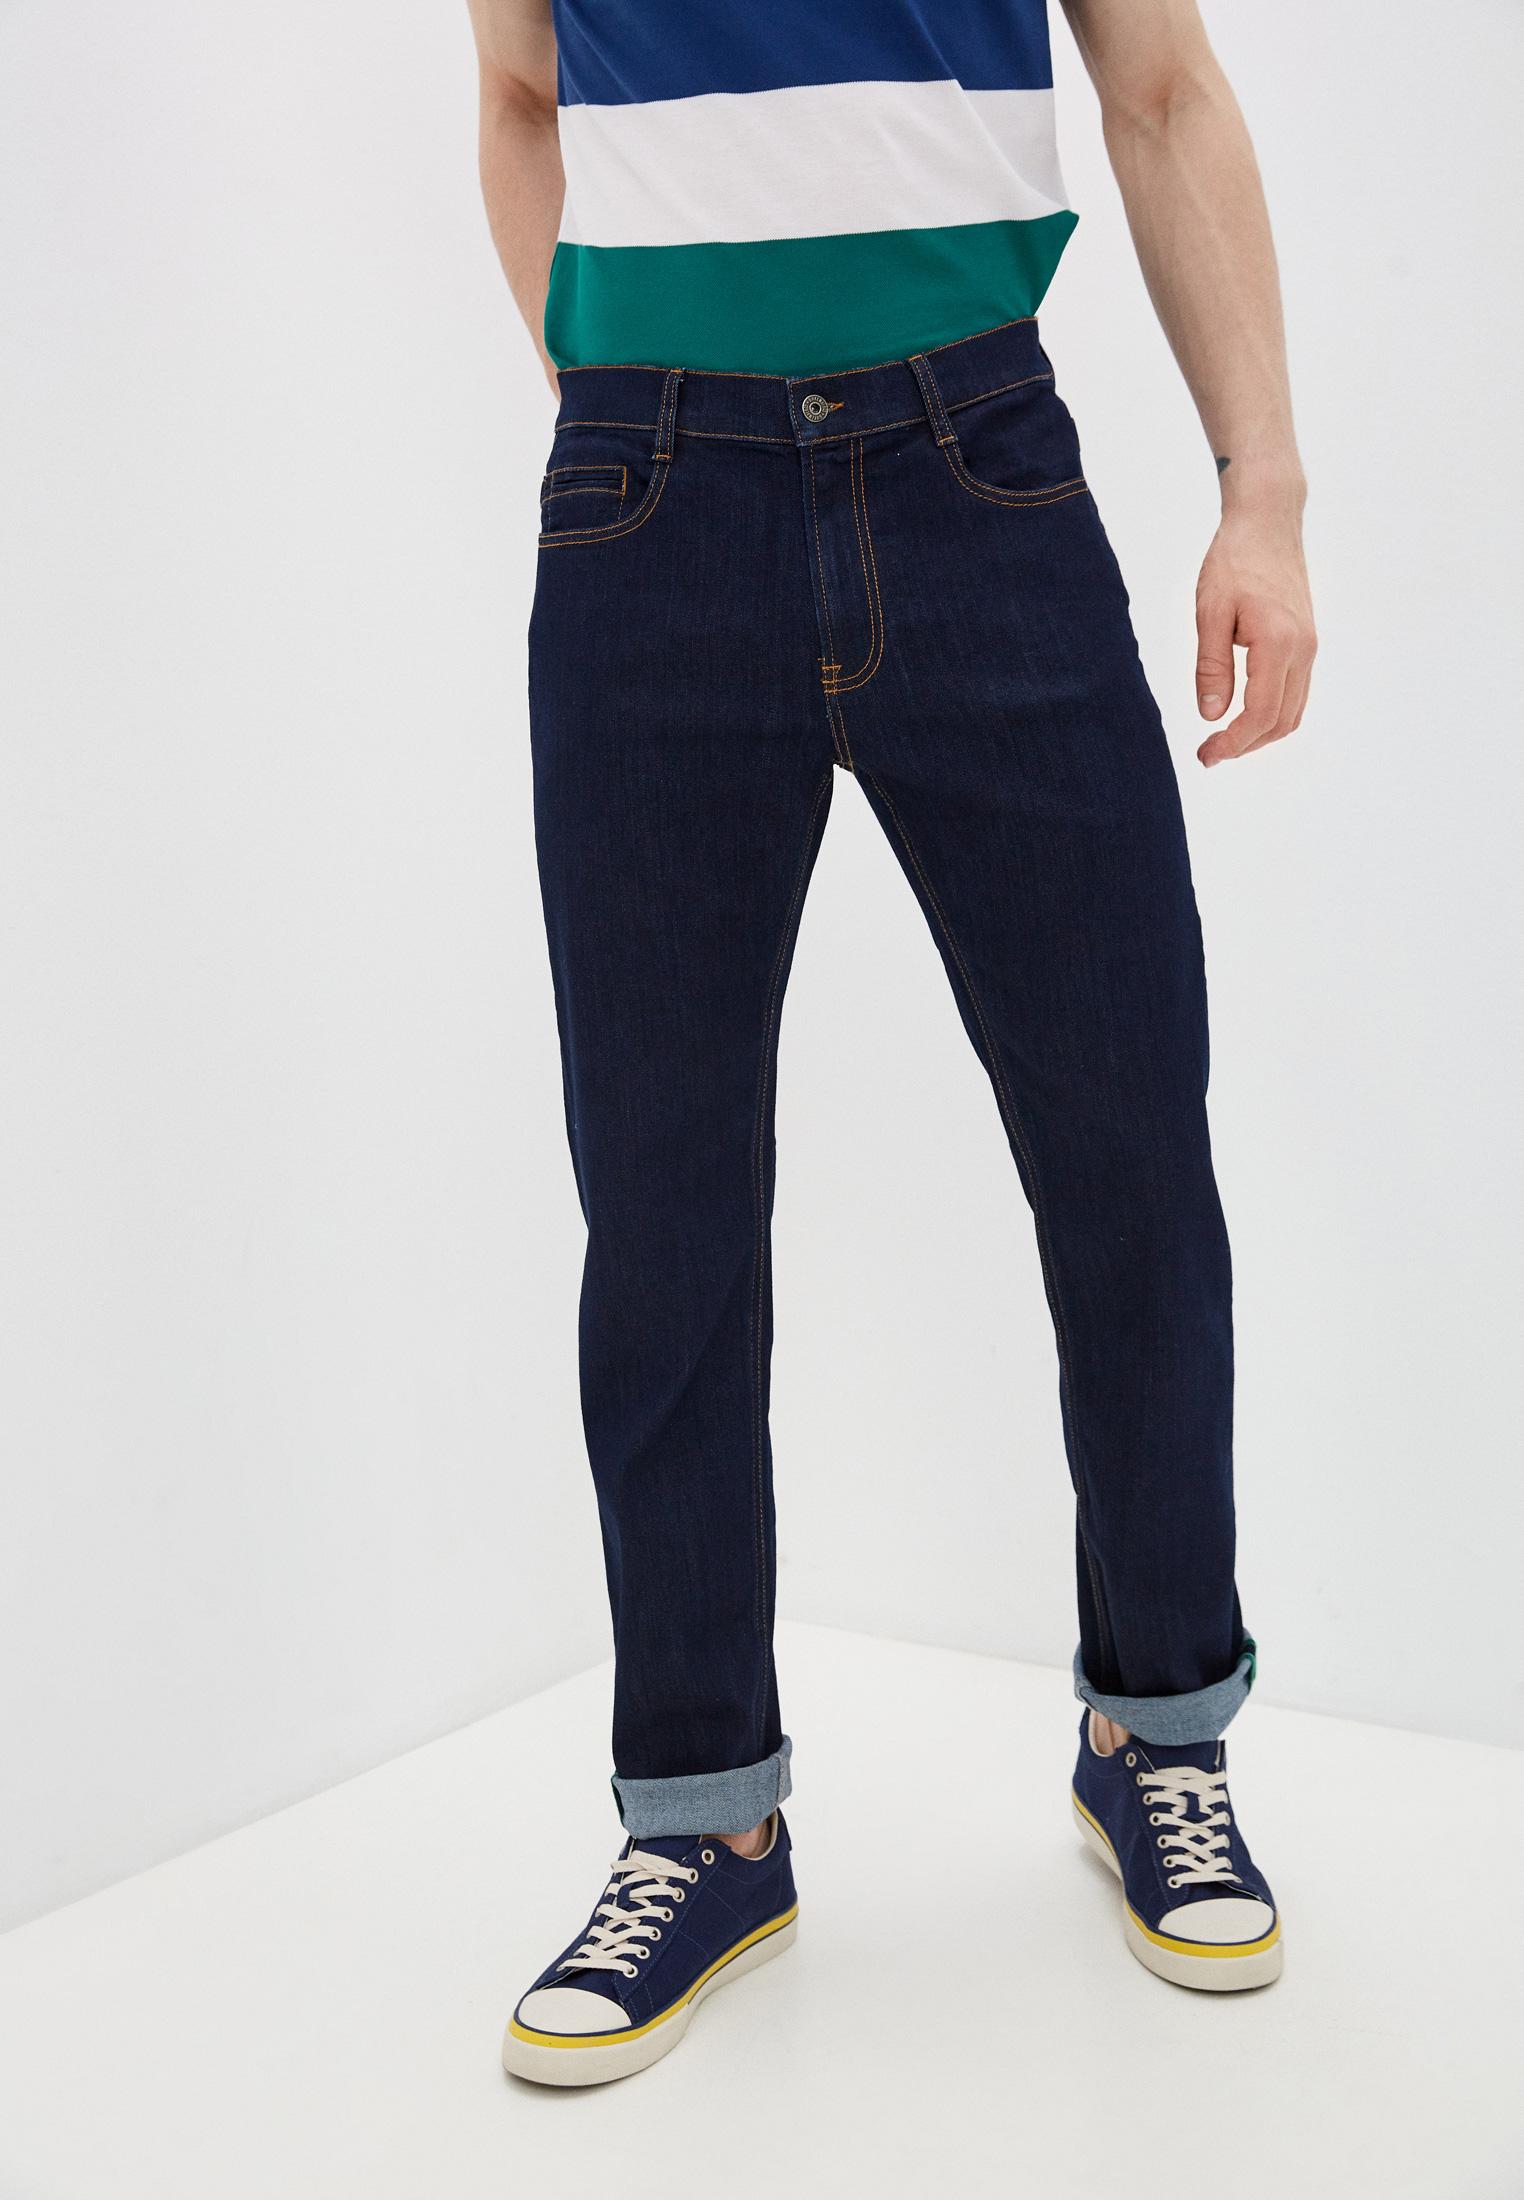 Мужские прямые джинсы Bikkembergs (Биккембергс) C Q 102 00 S 3181: изображение 1